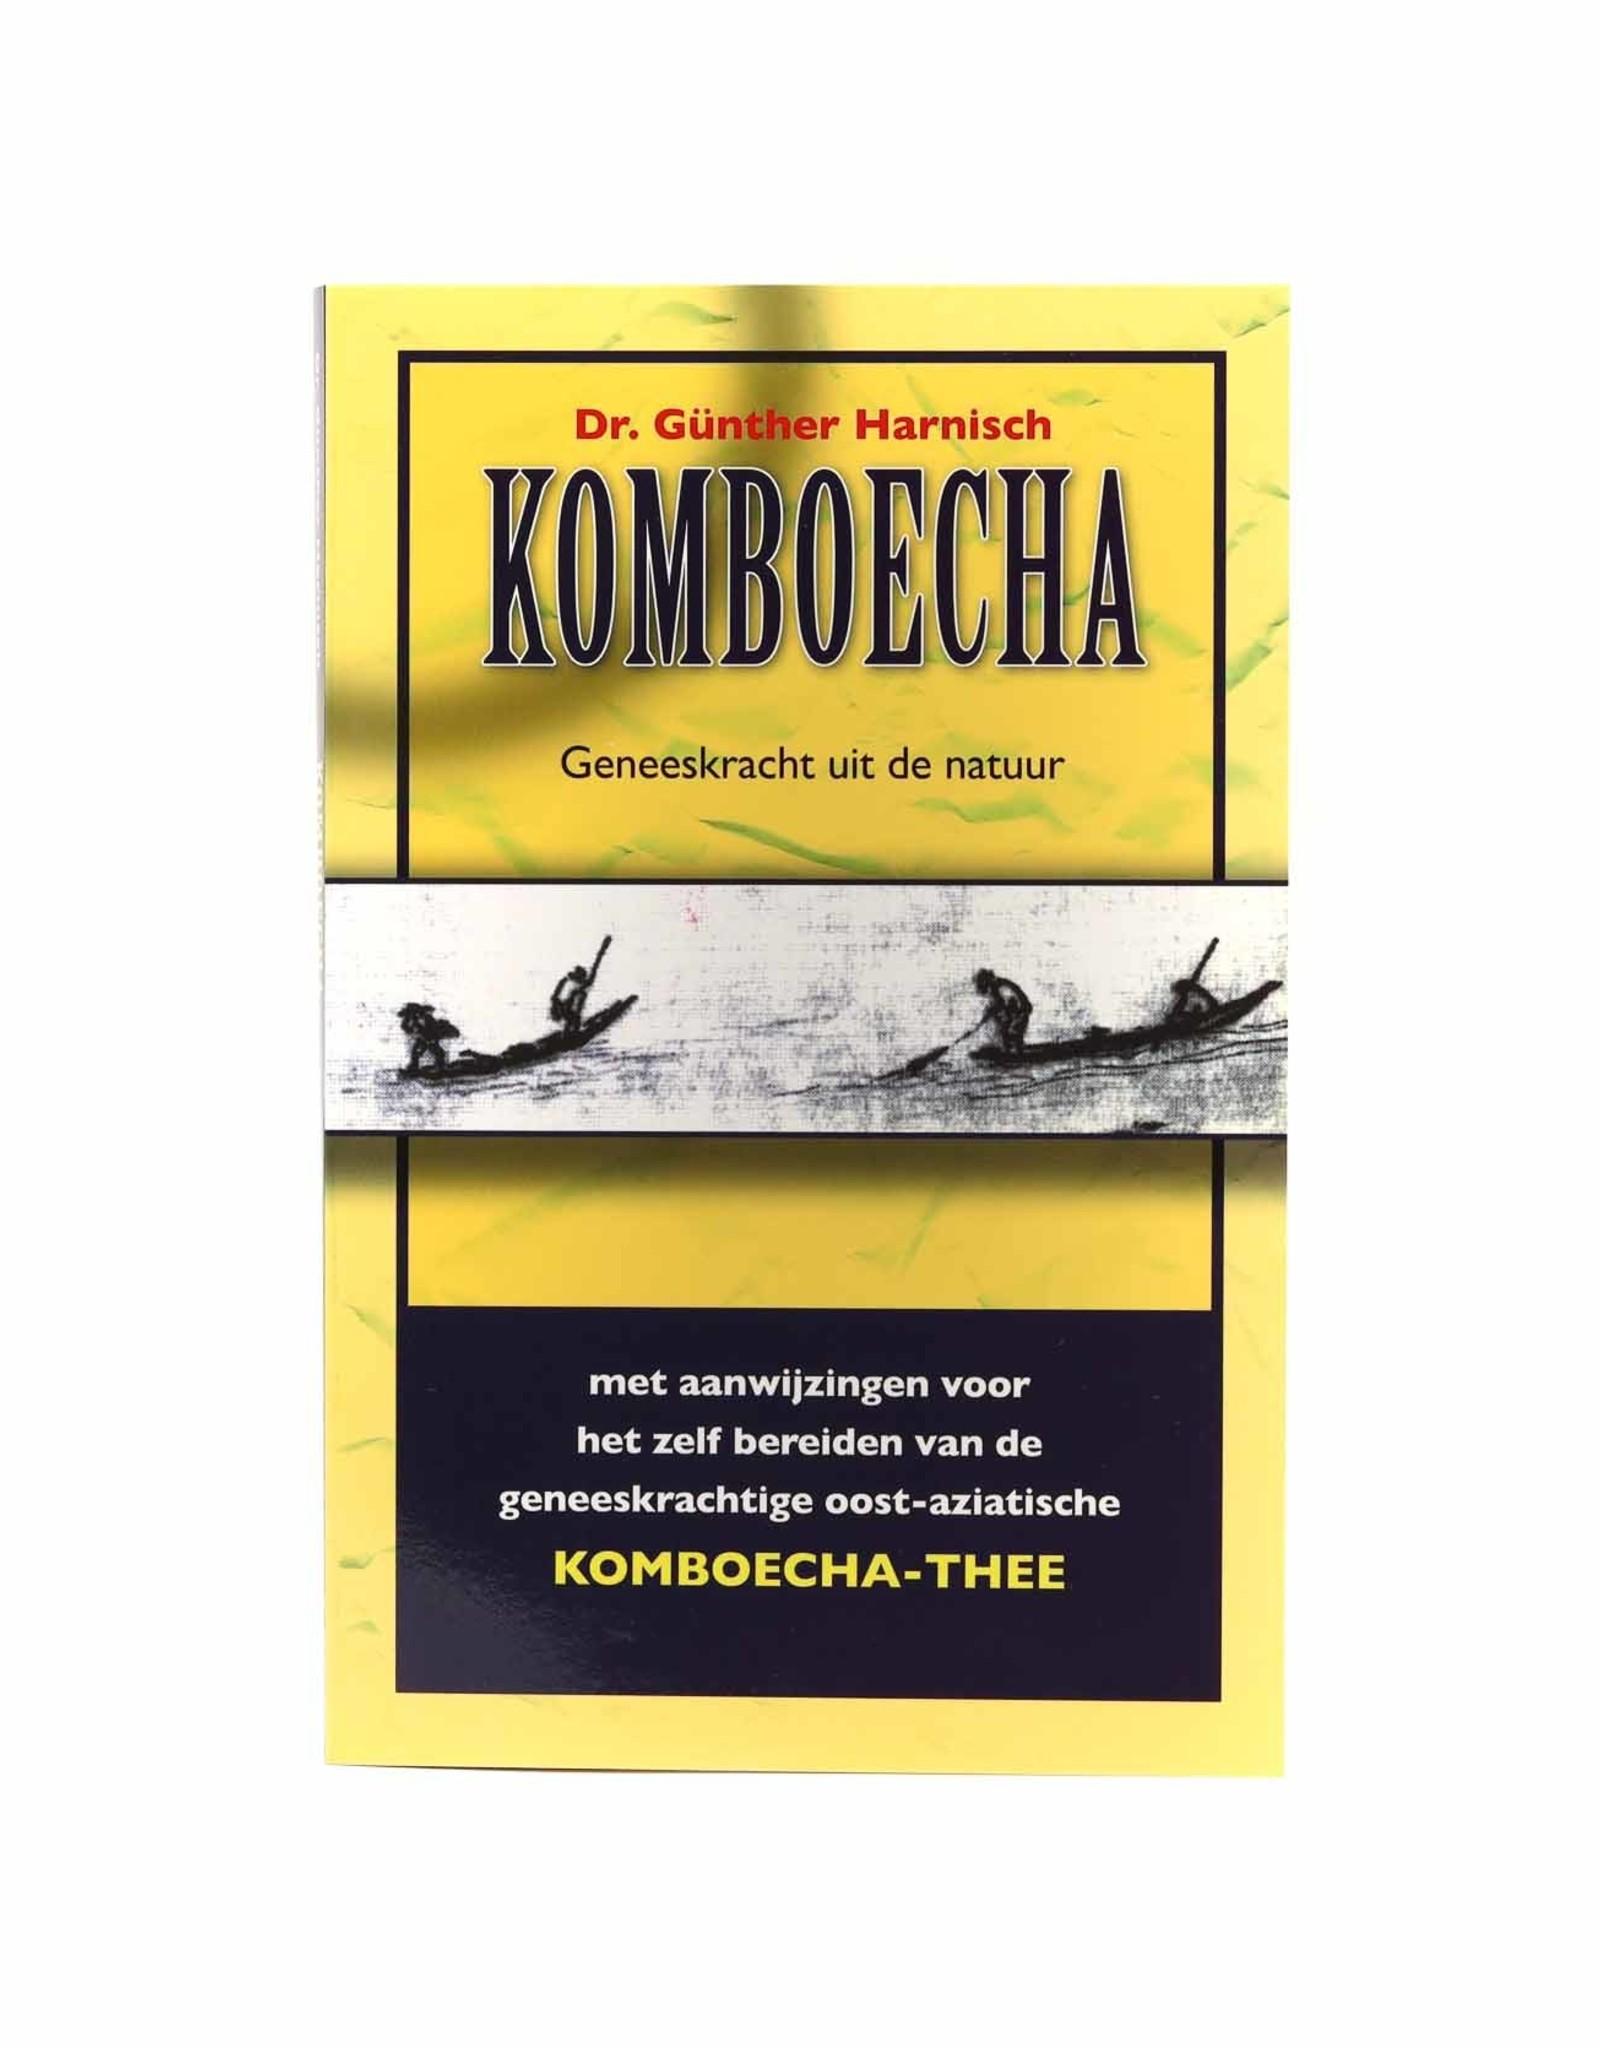 Mani Vivendi Komboecha, geneeskracht uit de natuur (G. Harnisch)